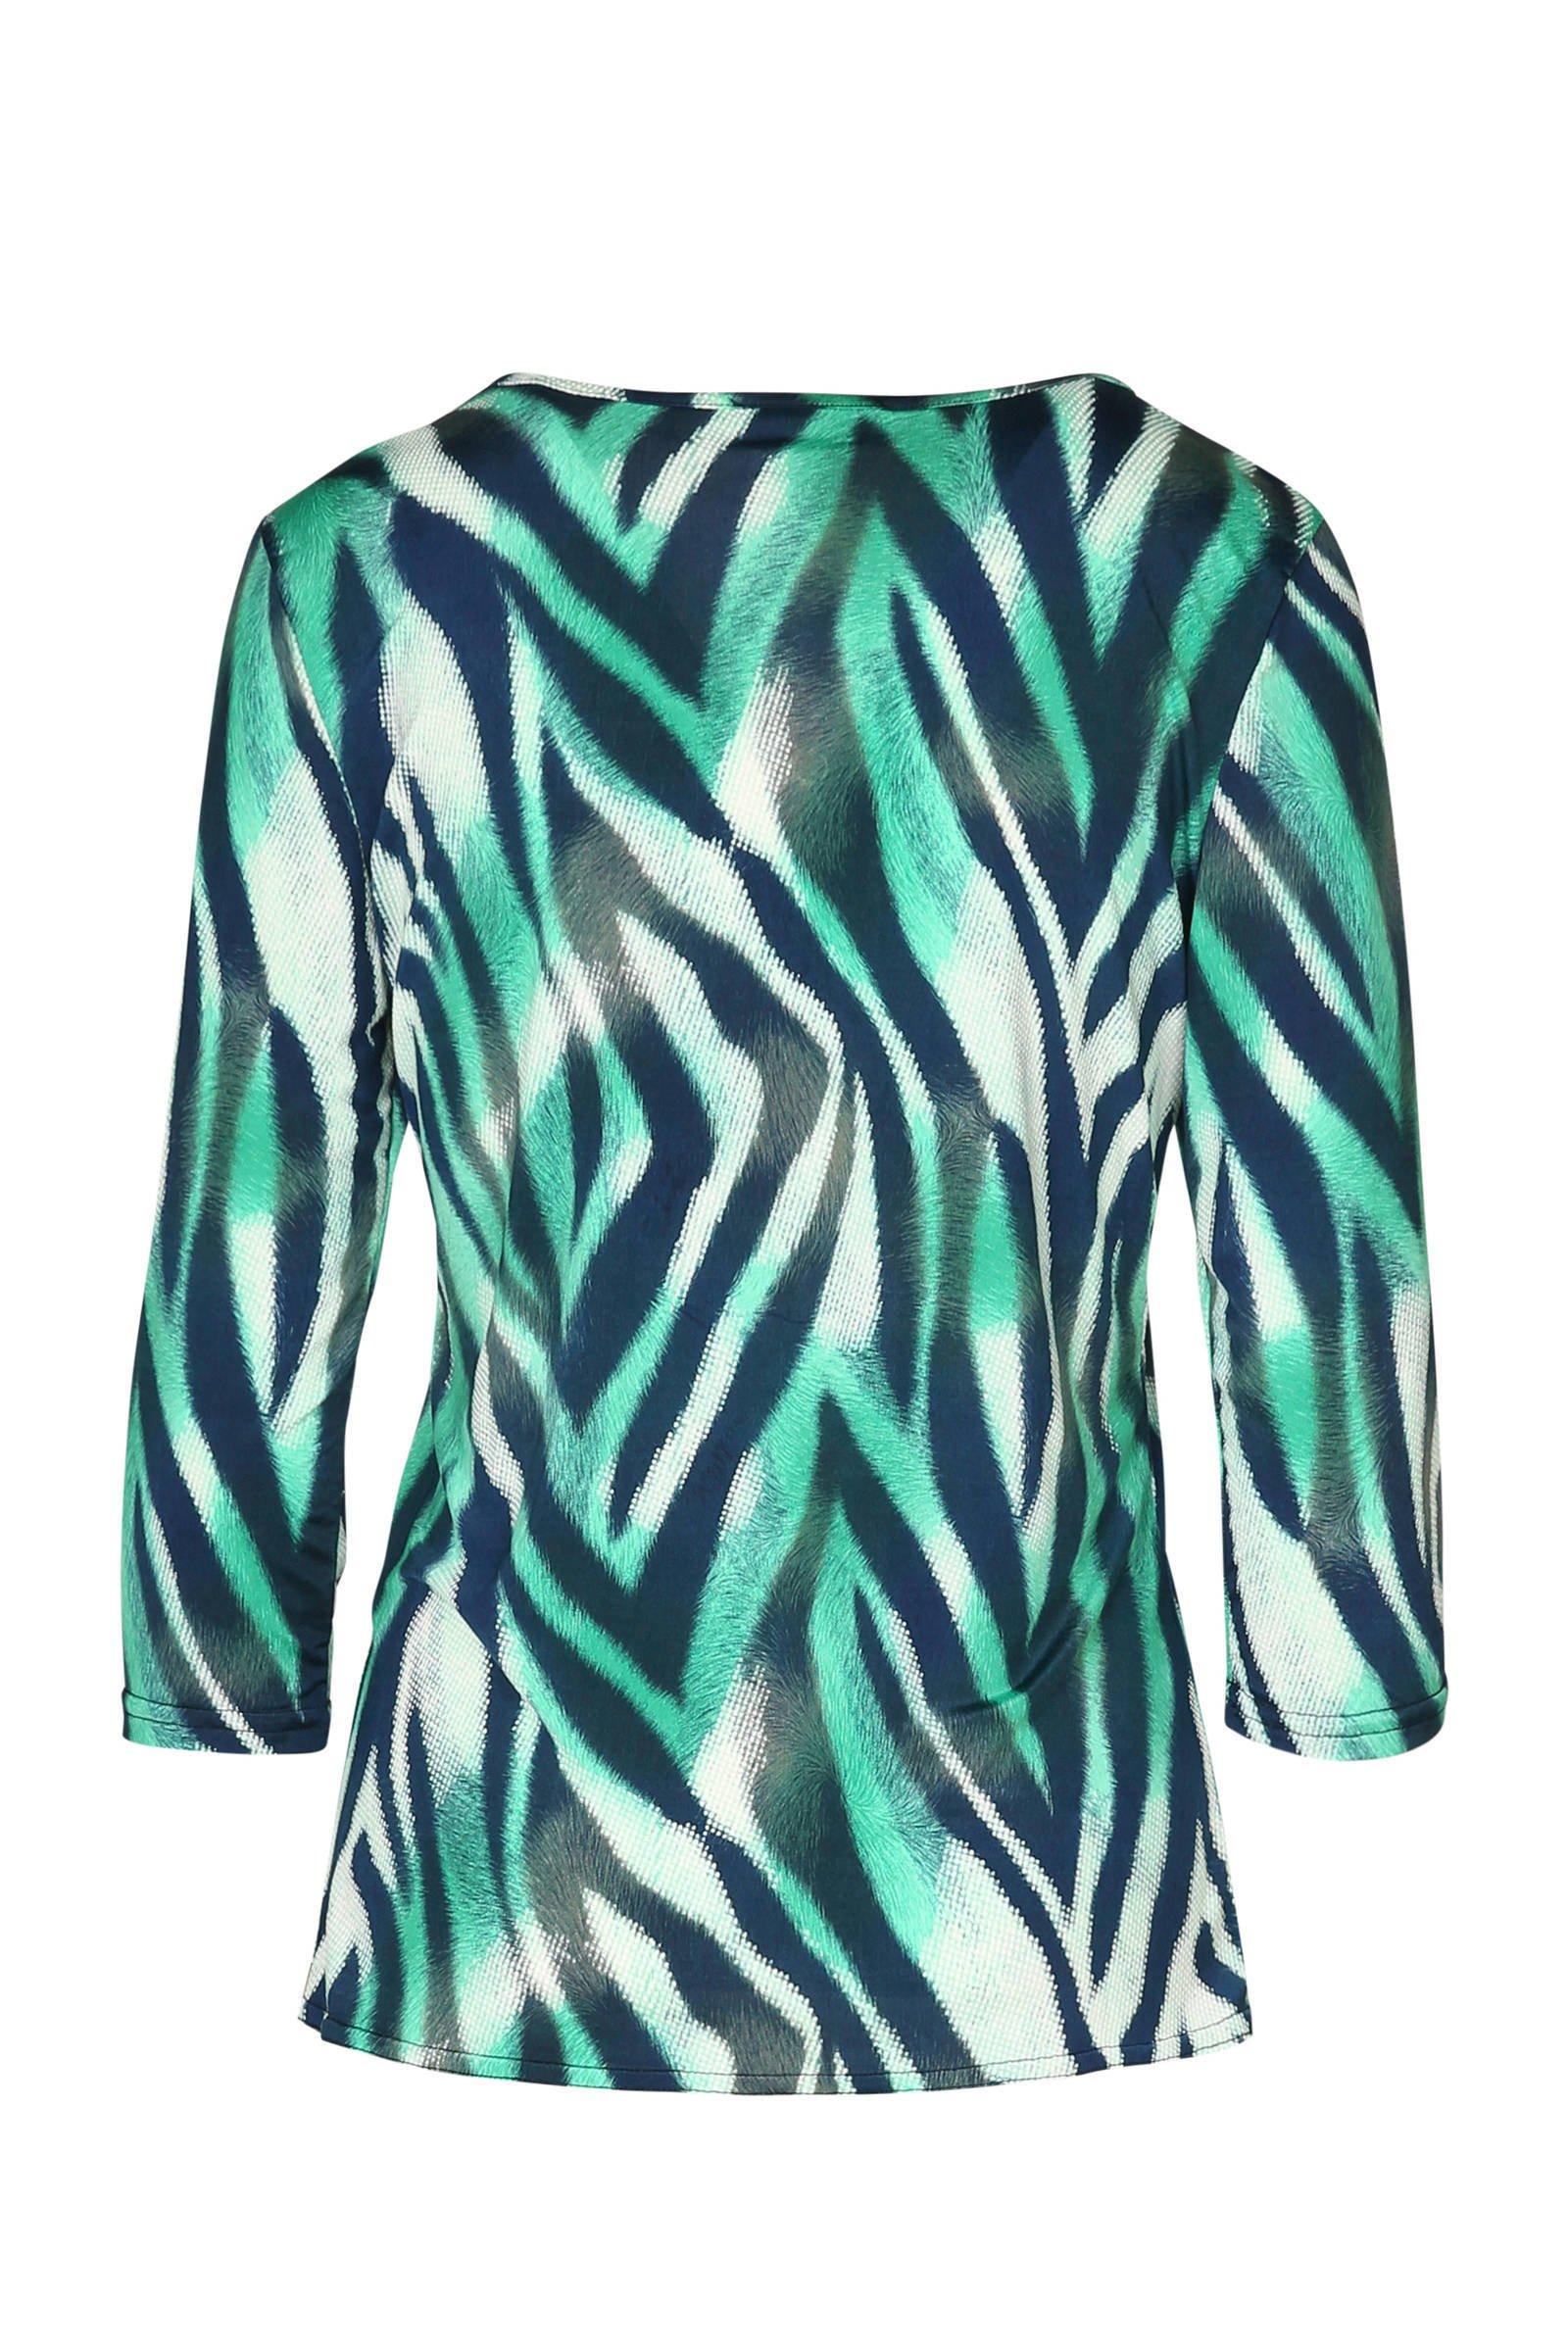 blouse Cassis zebraprint Cassis zebraprint met blouse met groen ETnqfnP